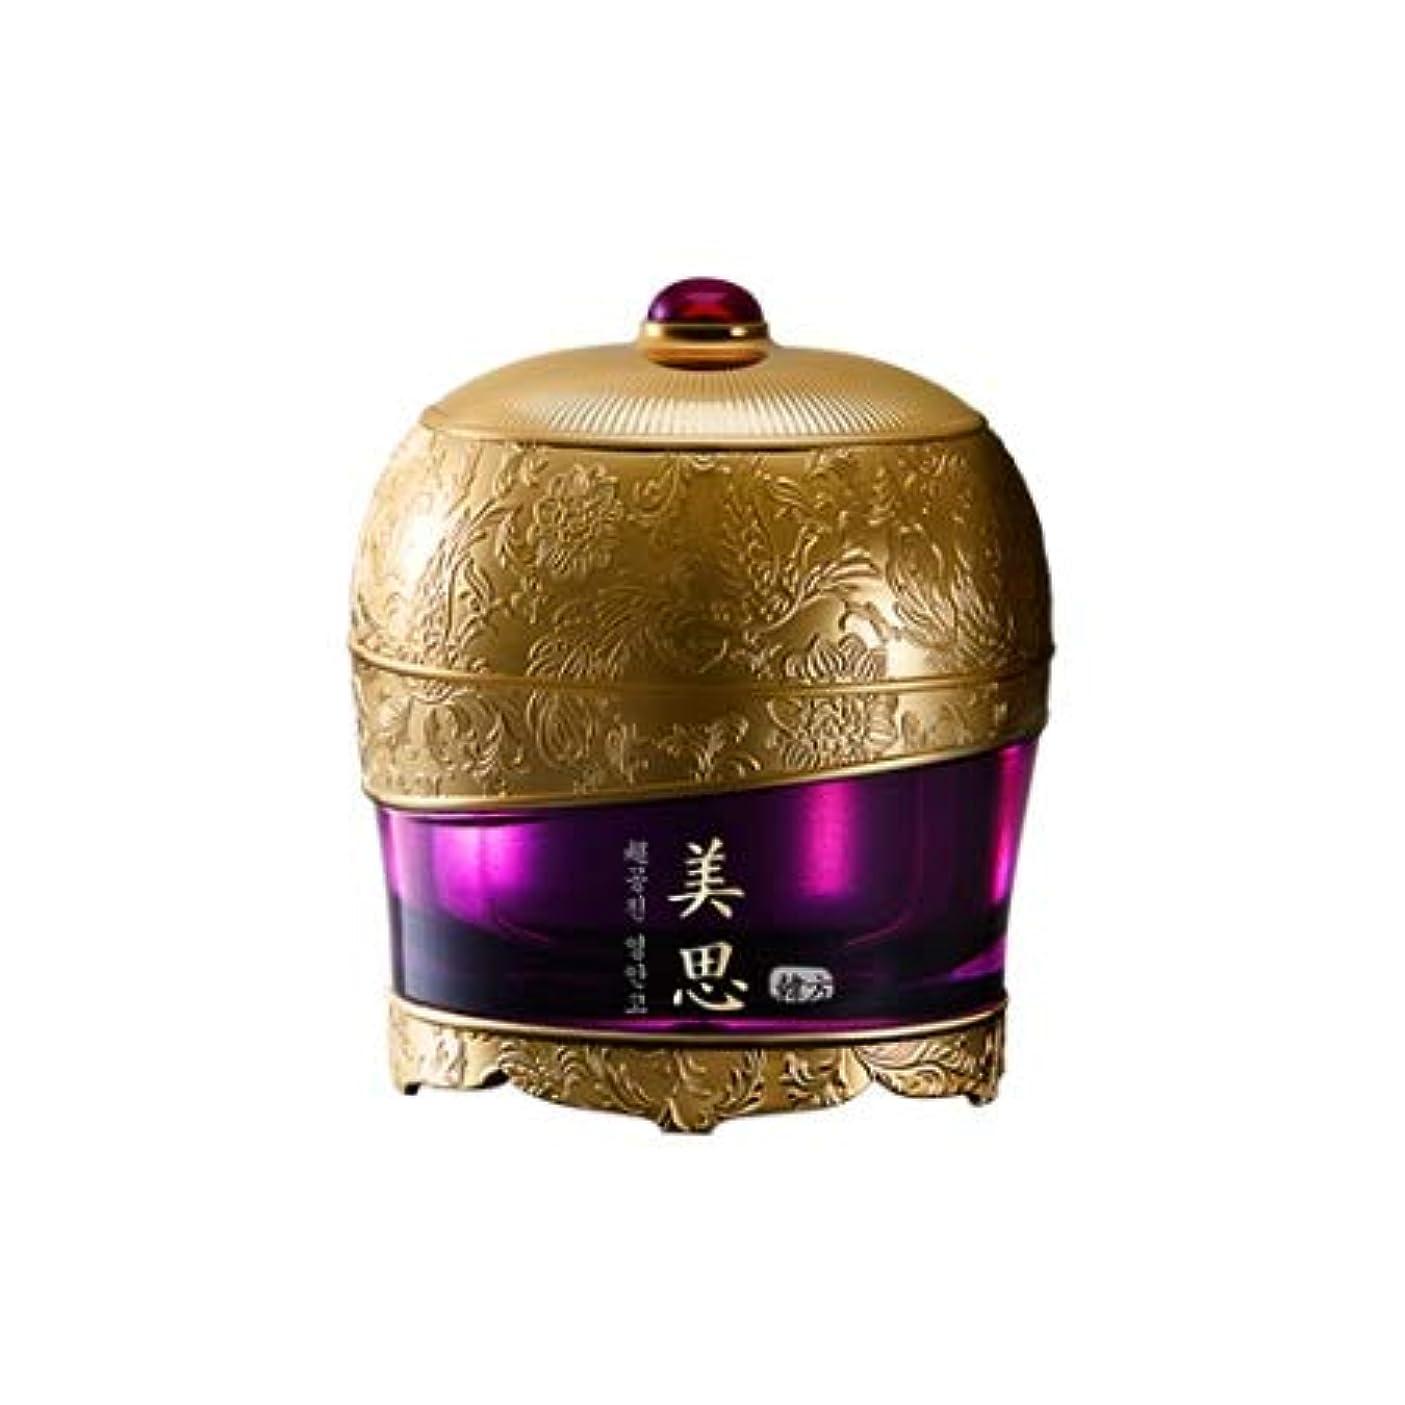 タック生まれMISSHA Chogongjin Premium cream ミシャ美思超拱辰(チョゴンジン) 永安膏 クリーム クリーム 60ml [並行輸入品]